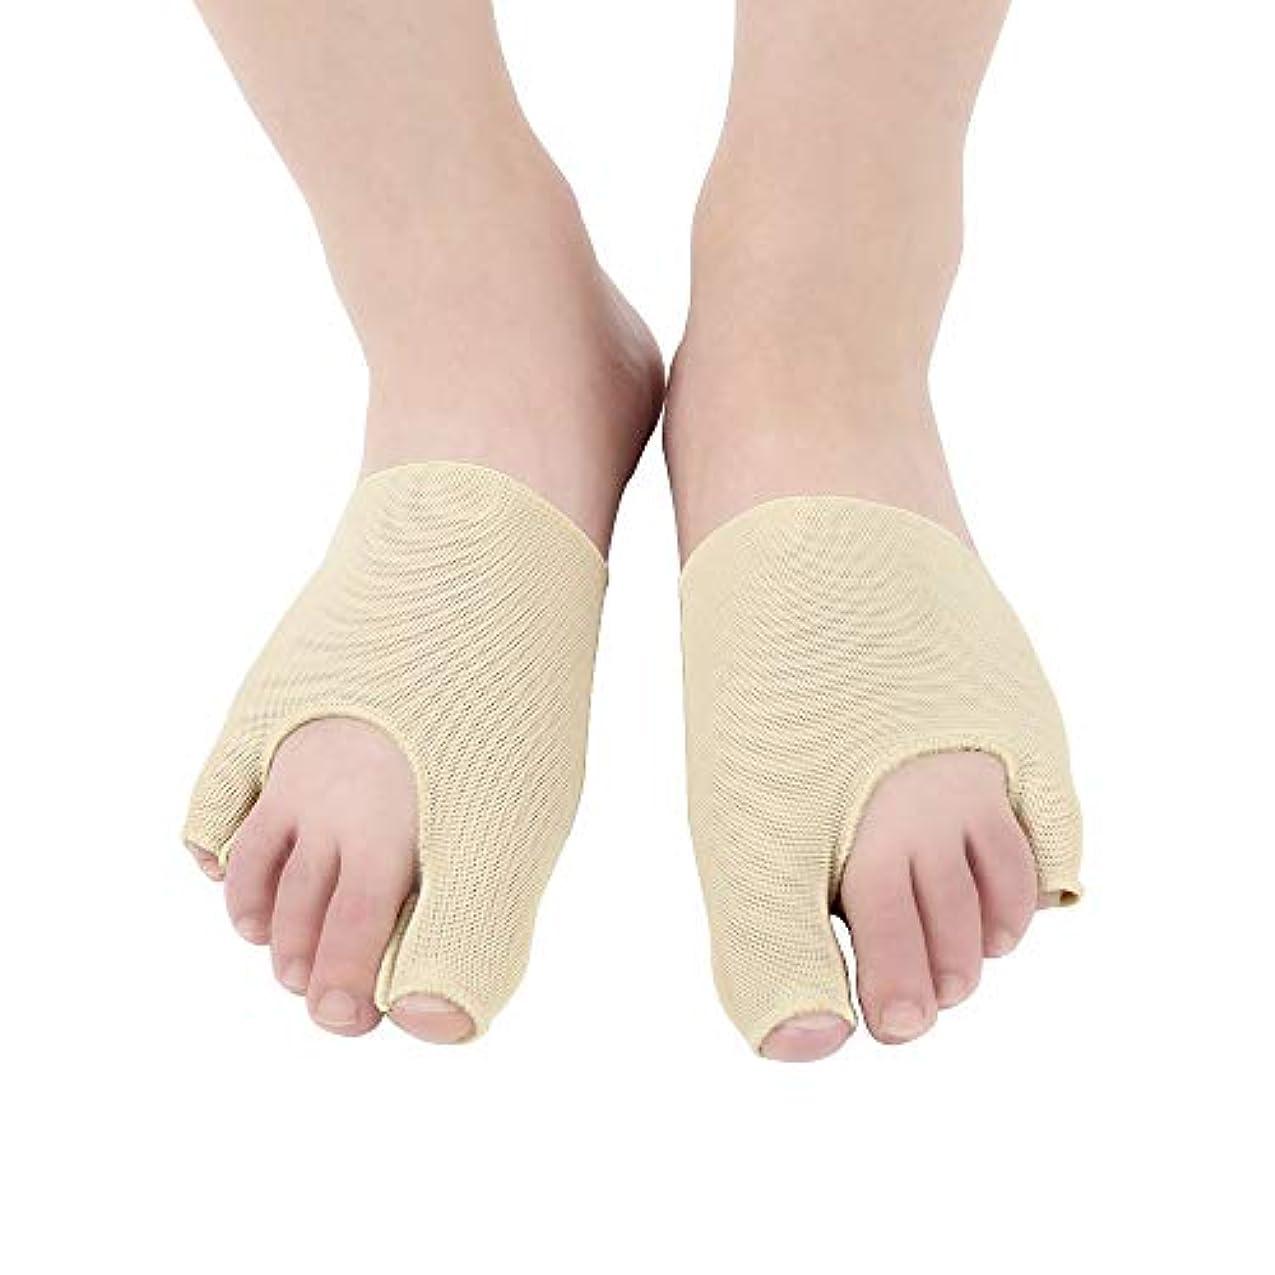 おとなしい息切れ登録する高弾性のためのつま先補正靴下ケア厚手のダンピング吸収汗通気性ナイロン布をつま先外反の重複を防ぐために吸収,2pairs,S